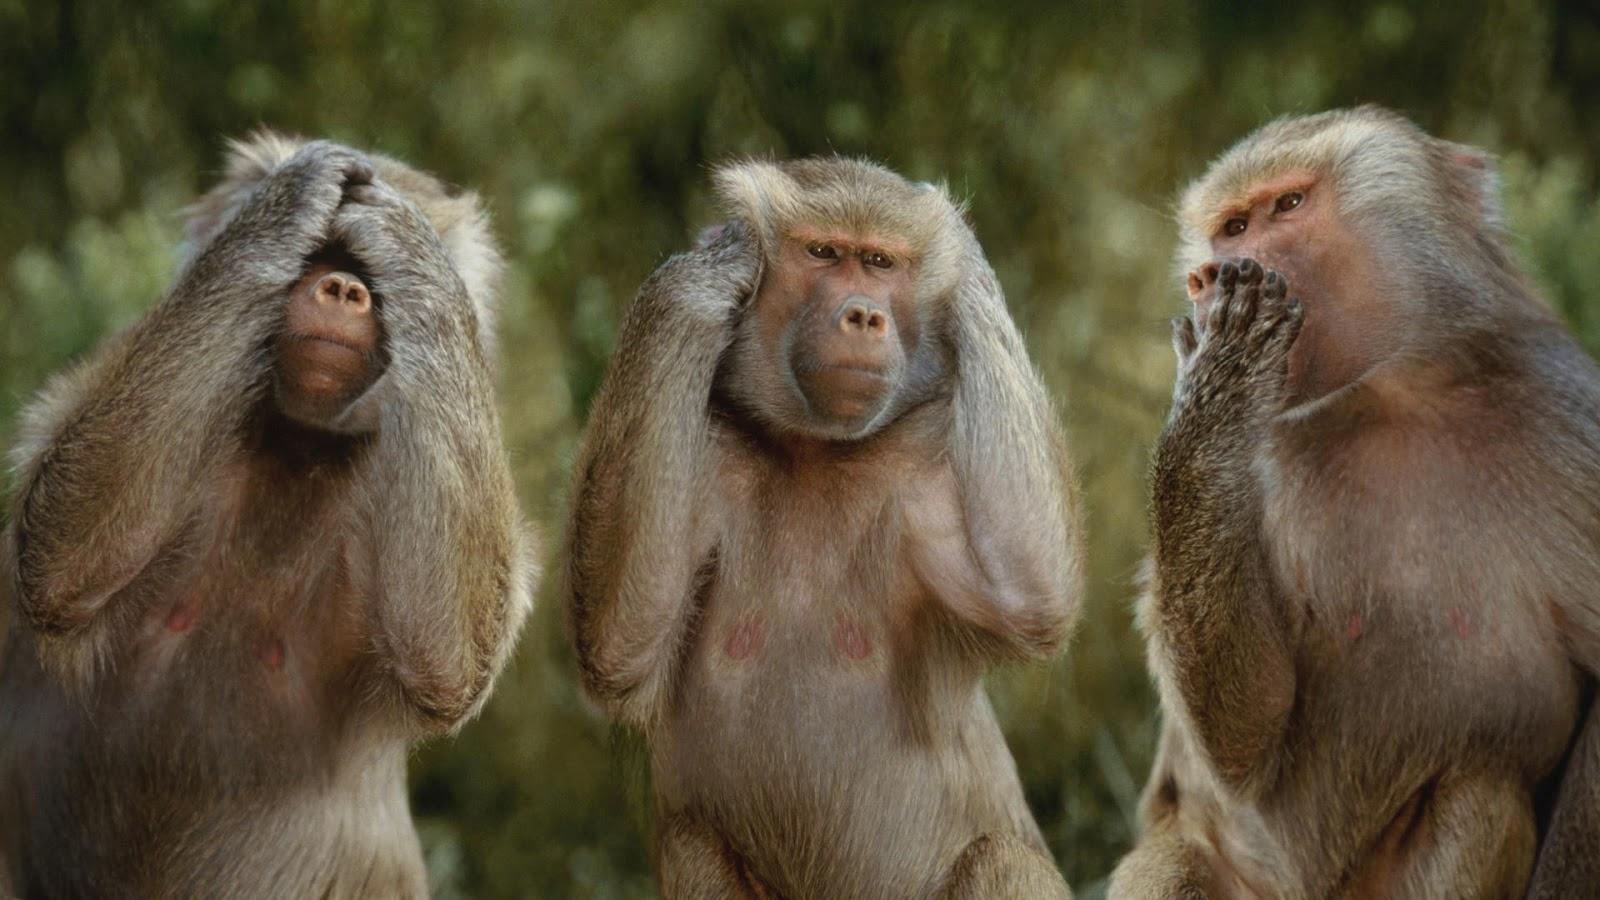 80+ Gambar Gambar Monyet Ber 3 Kekinian